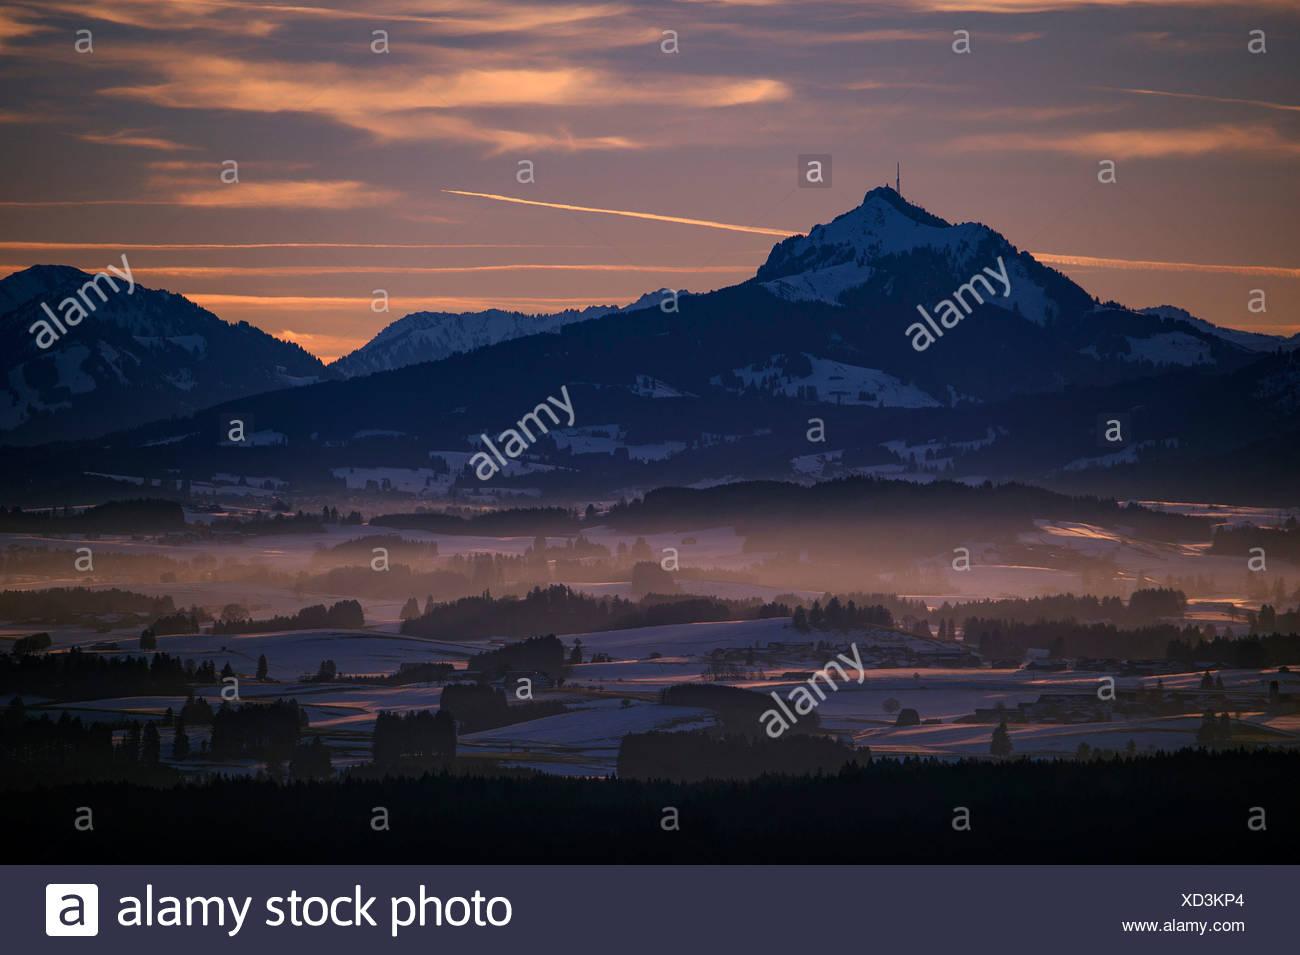 Peak of Mt Grünten with the Alpine foothills at sunset, Auerberg, Ostallgäu, Bavaria, Germany Stock Photo